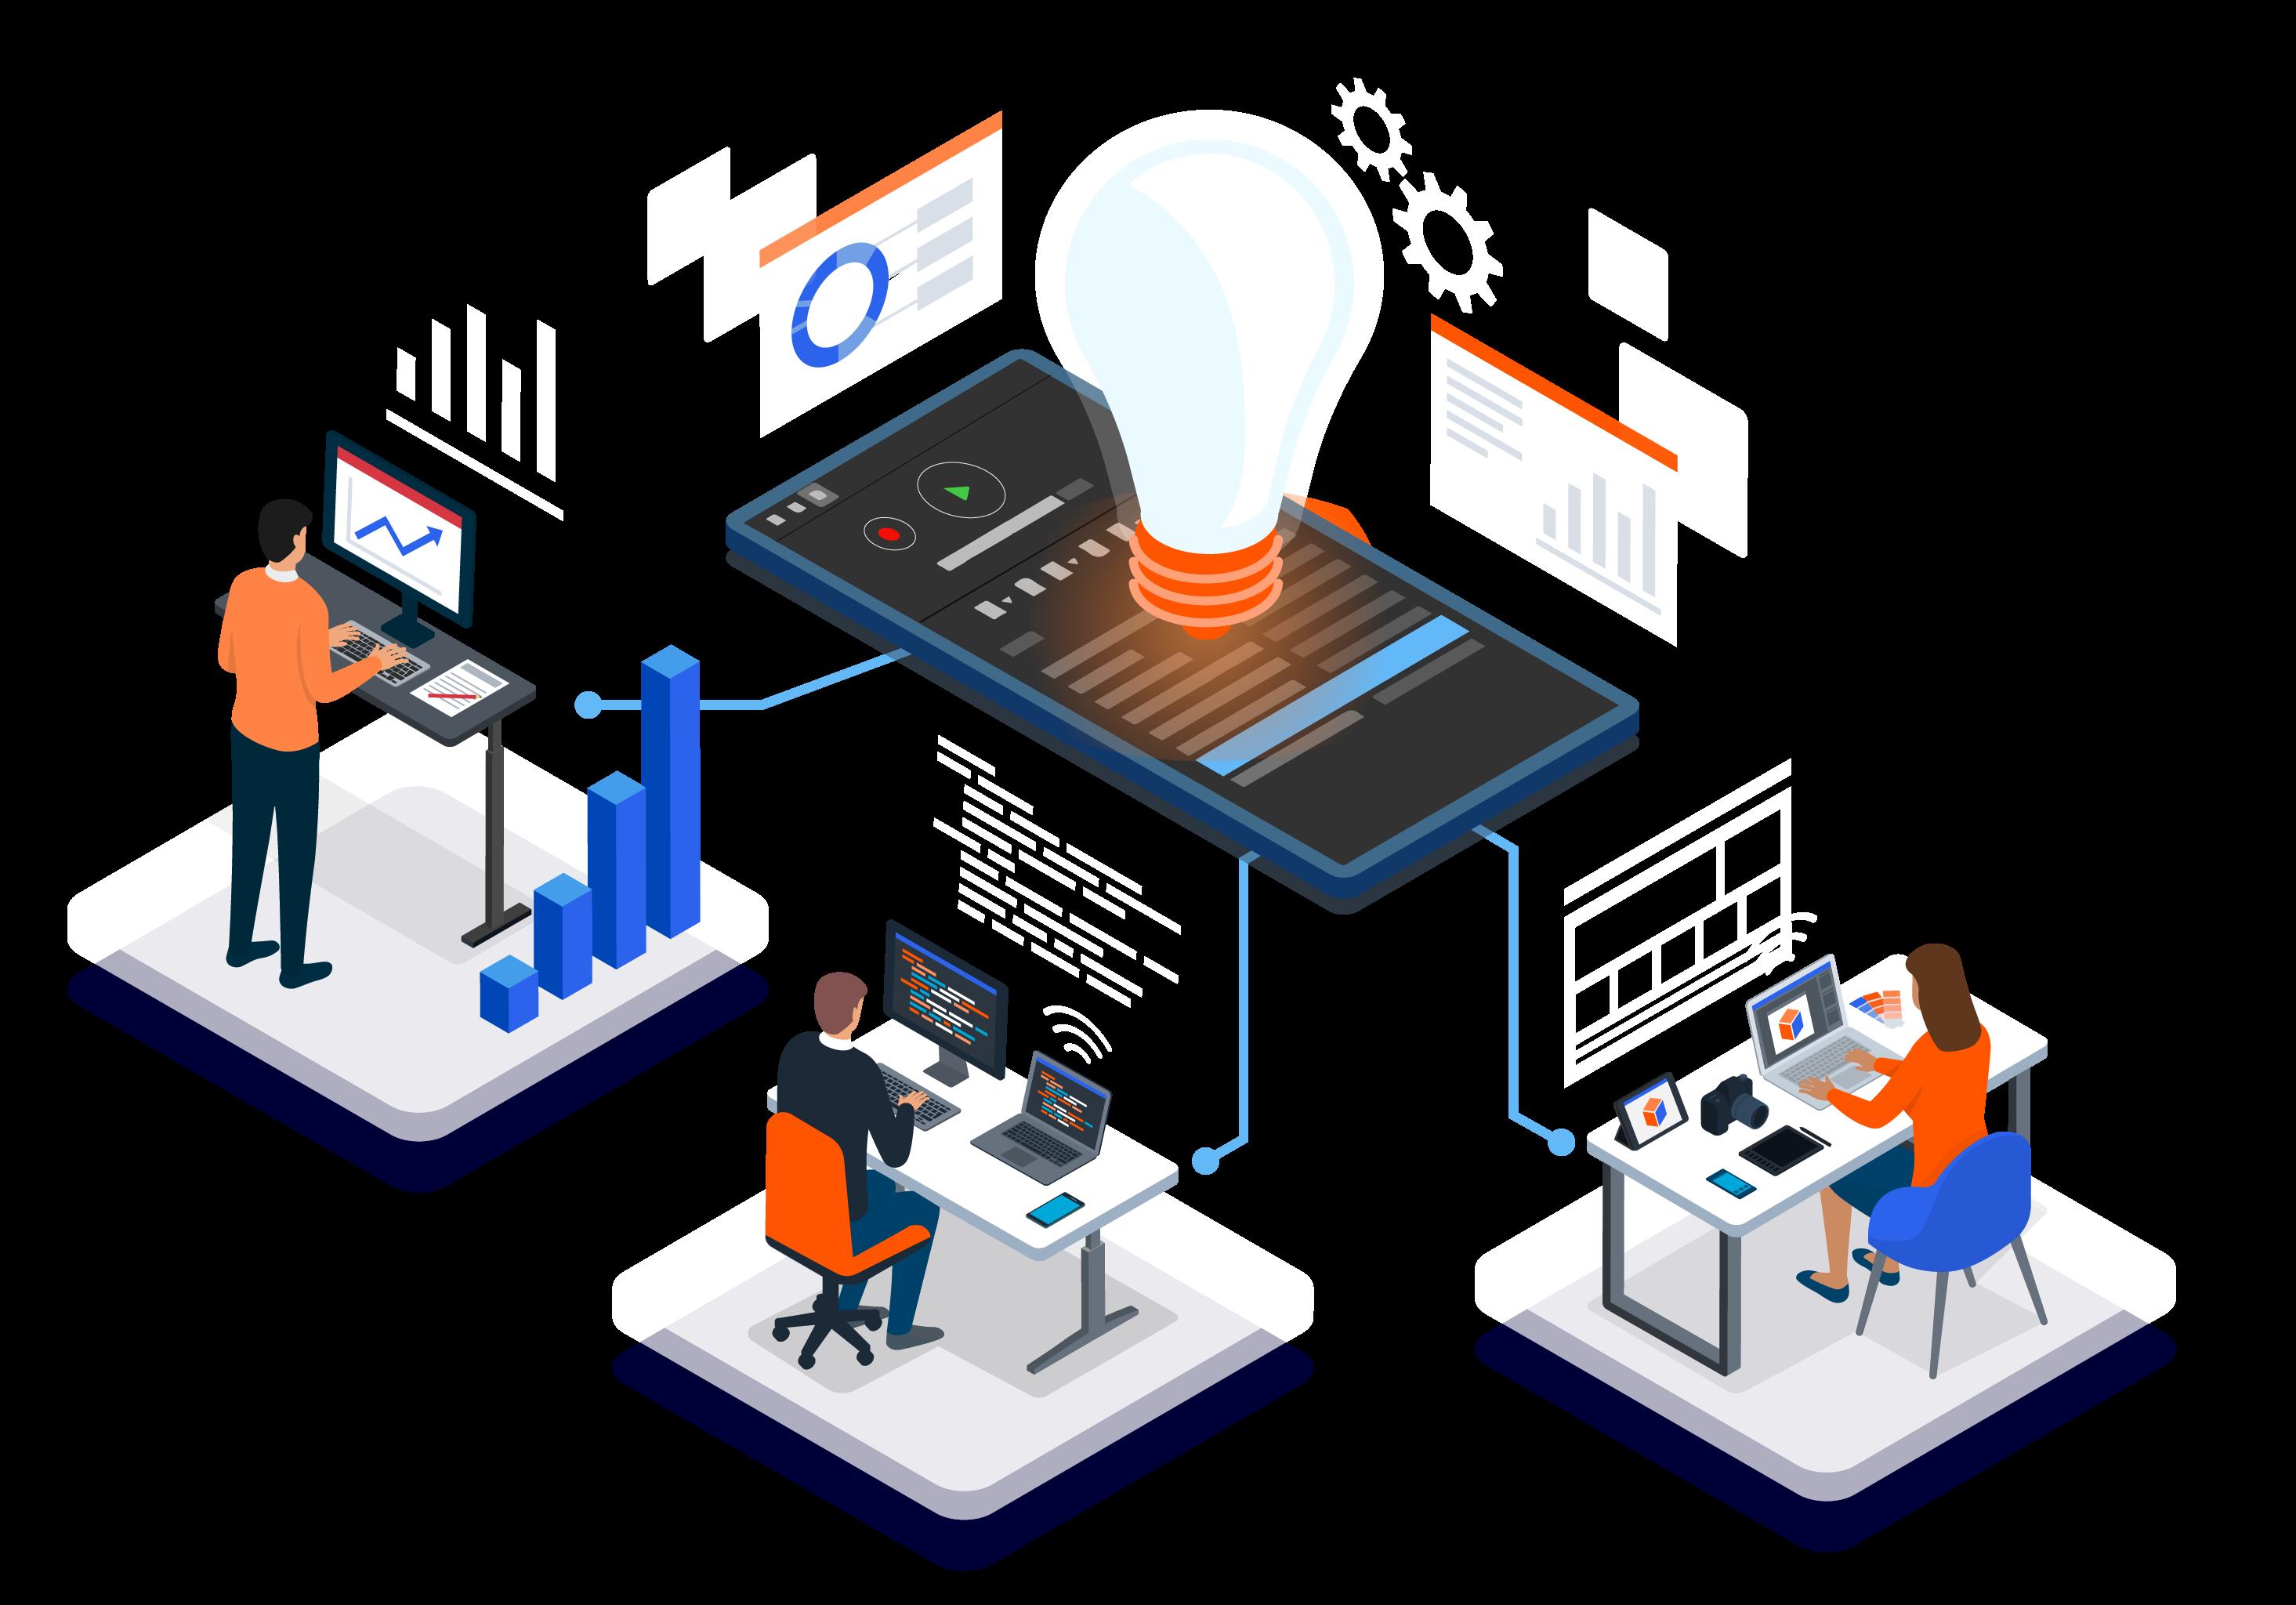 Automade-ikona-kompleksowe wdrożenia automatyzacji